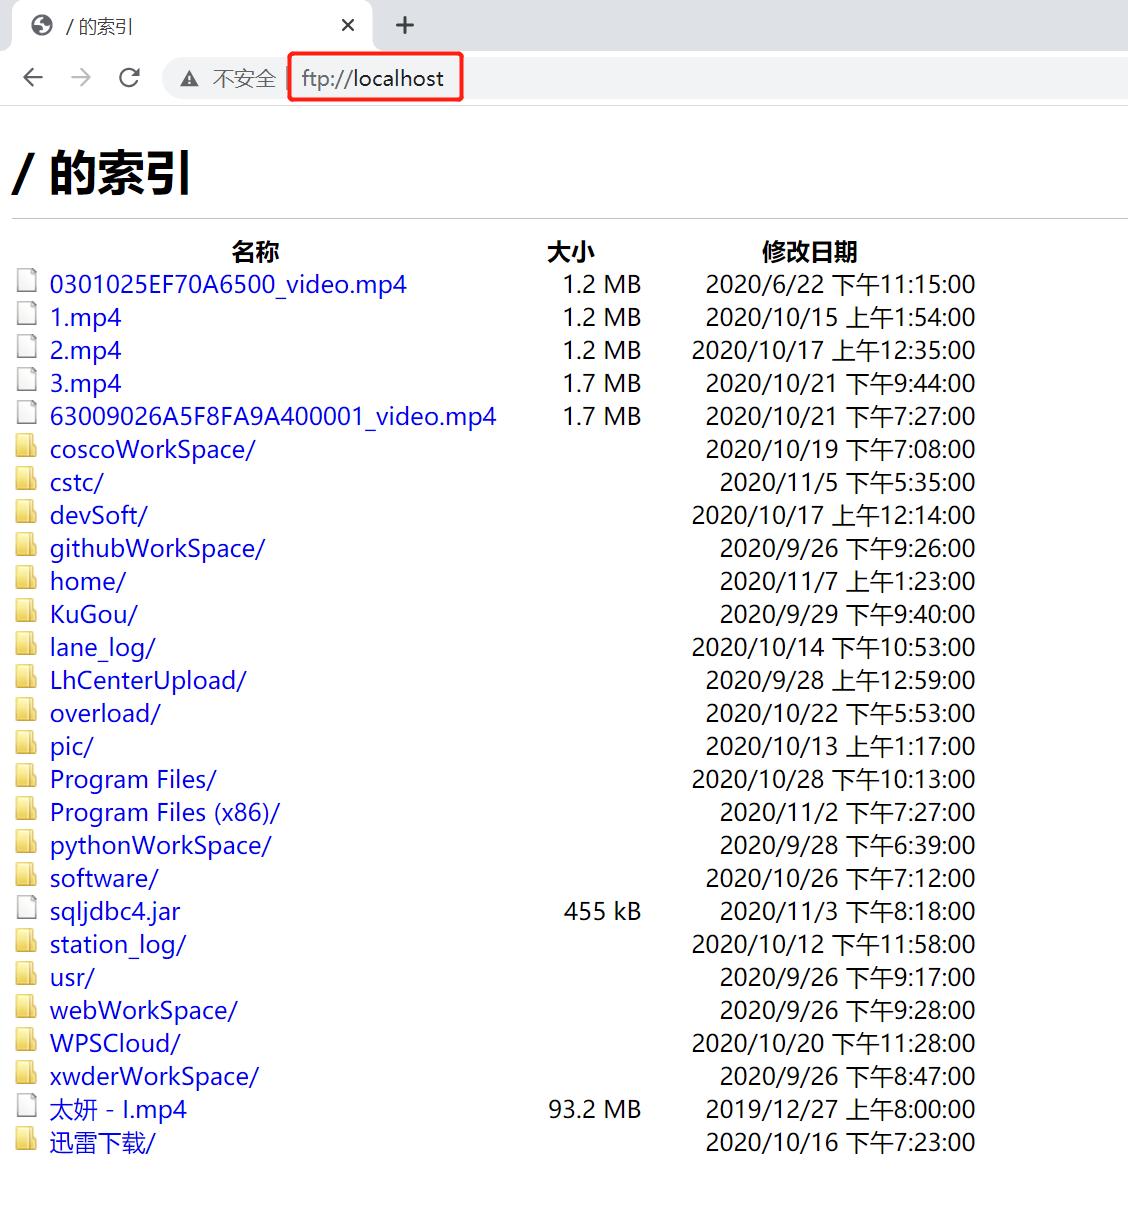 ftpServer浏览器访问